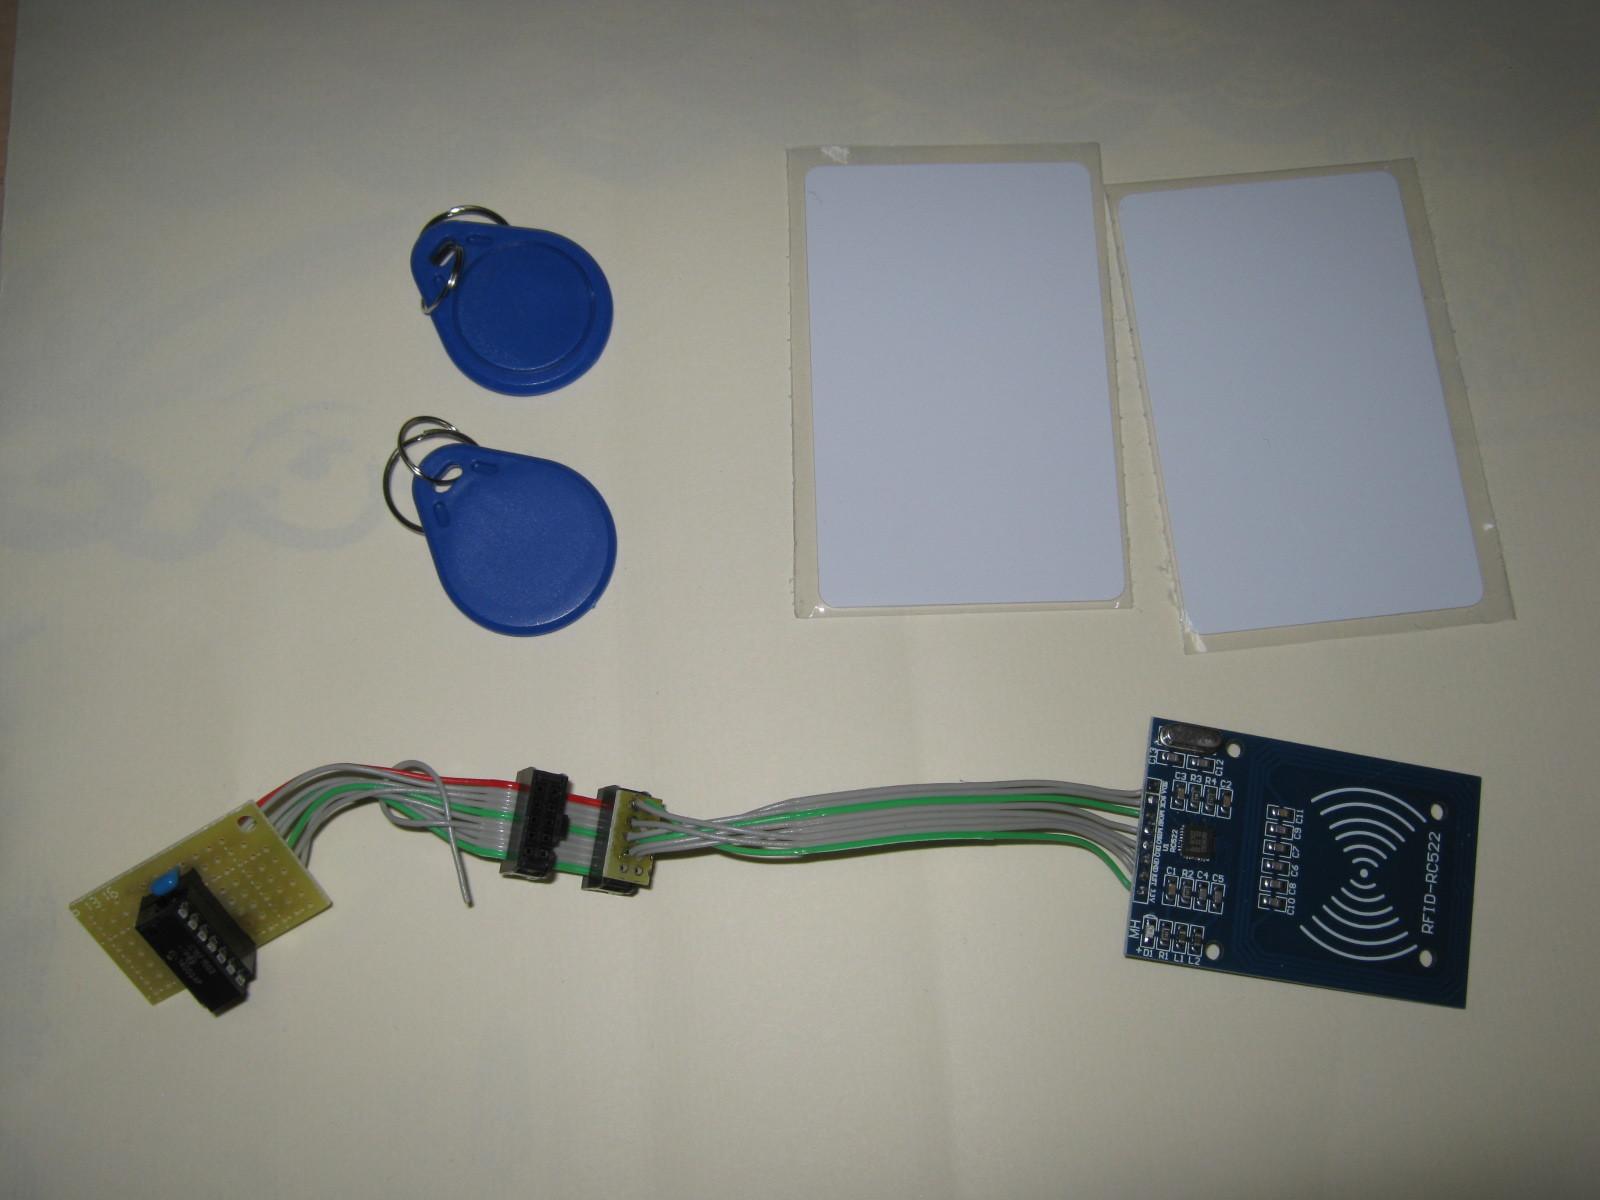 RFIDタグからシリアル番号を取得する実行環境